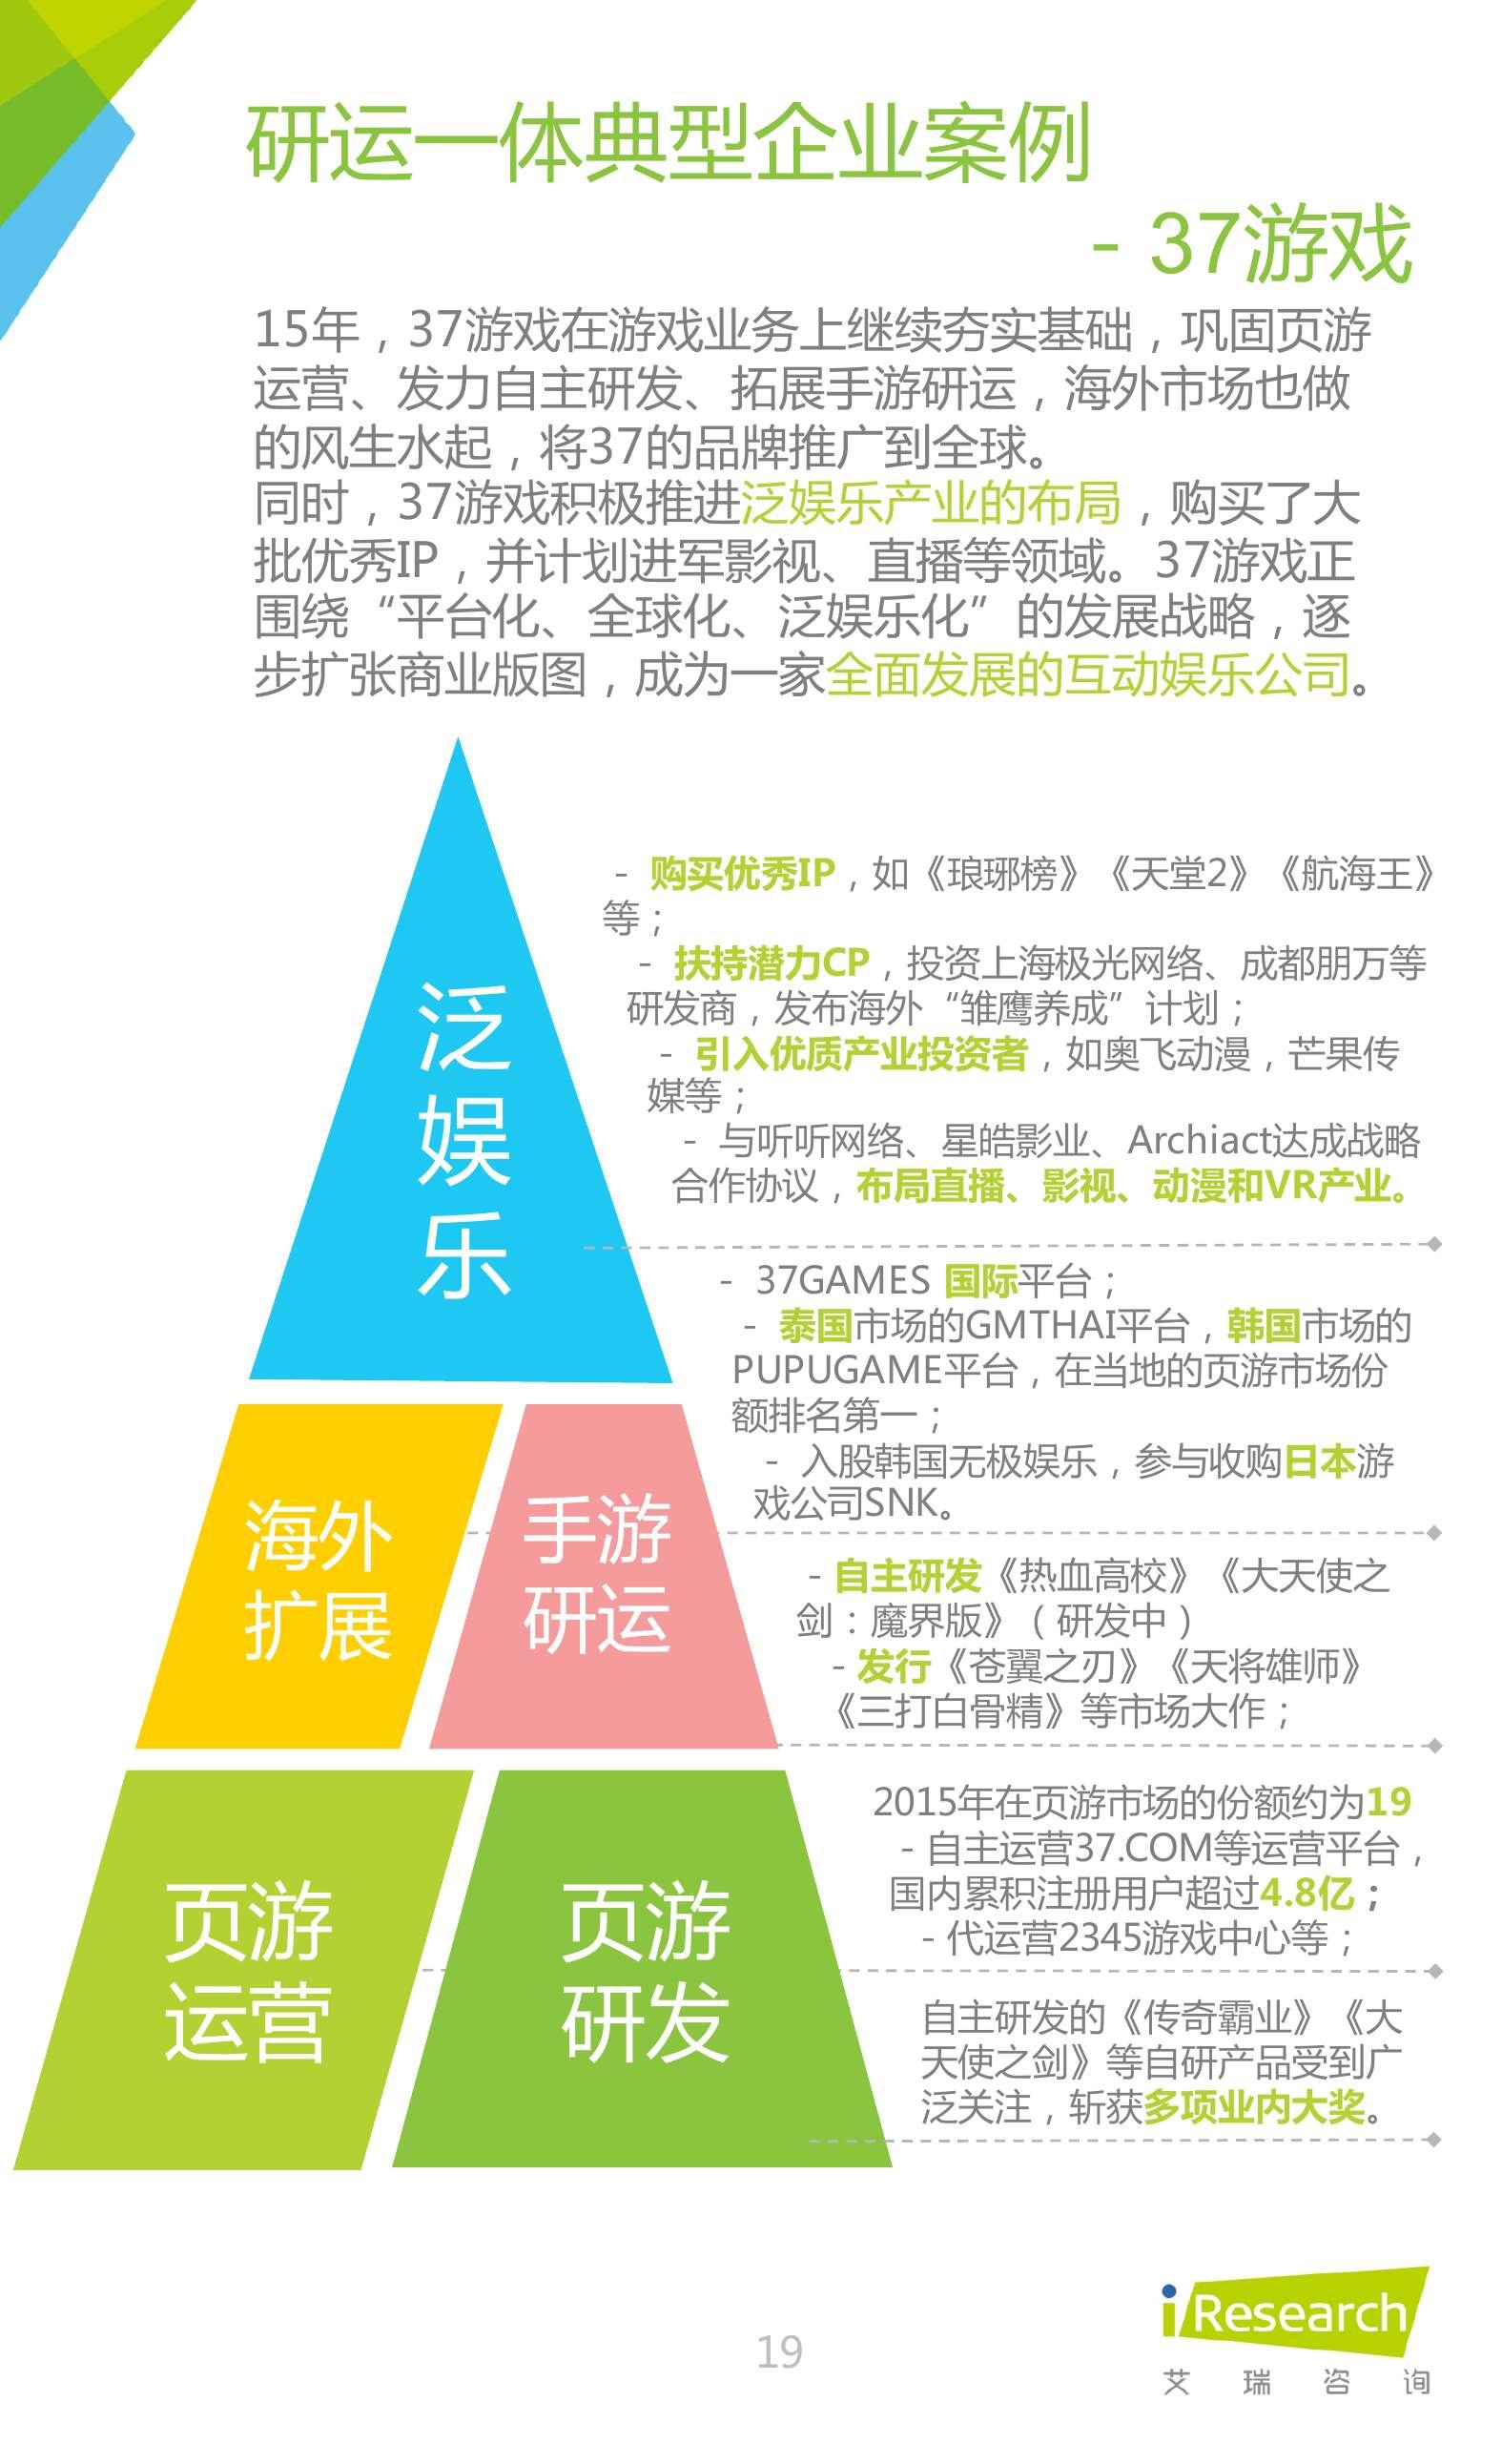 2016年中国网页游戏行业研究报告_000019